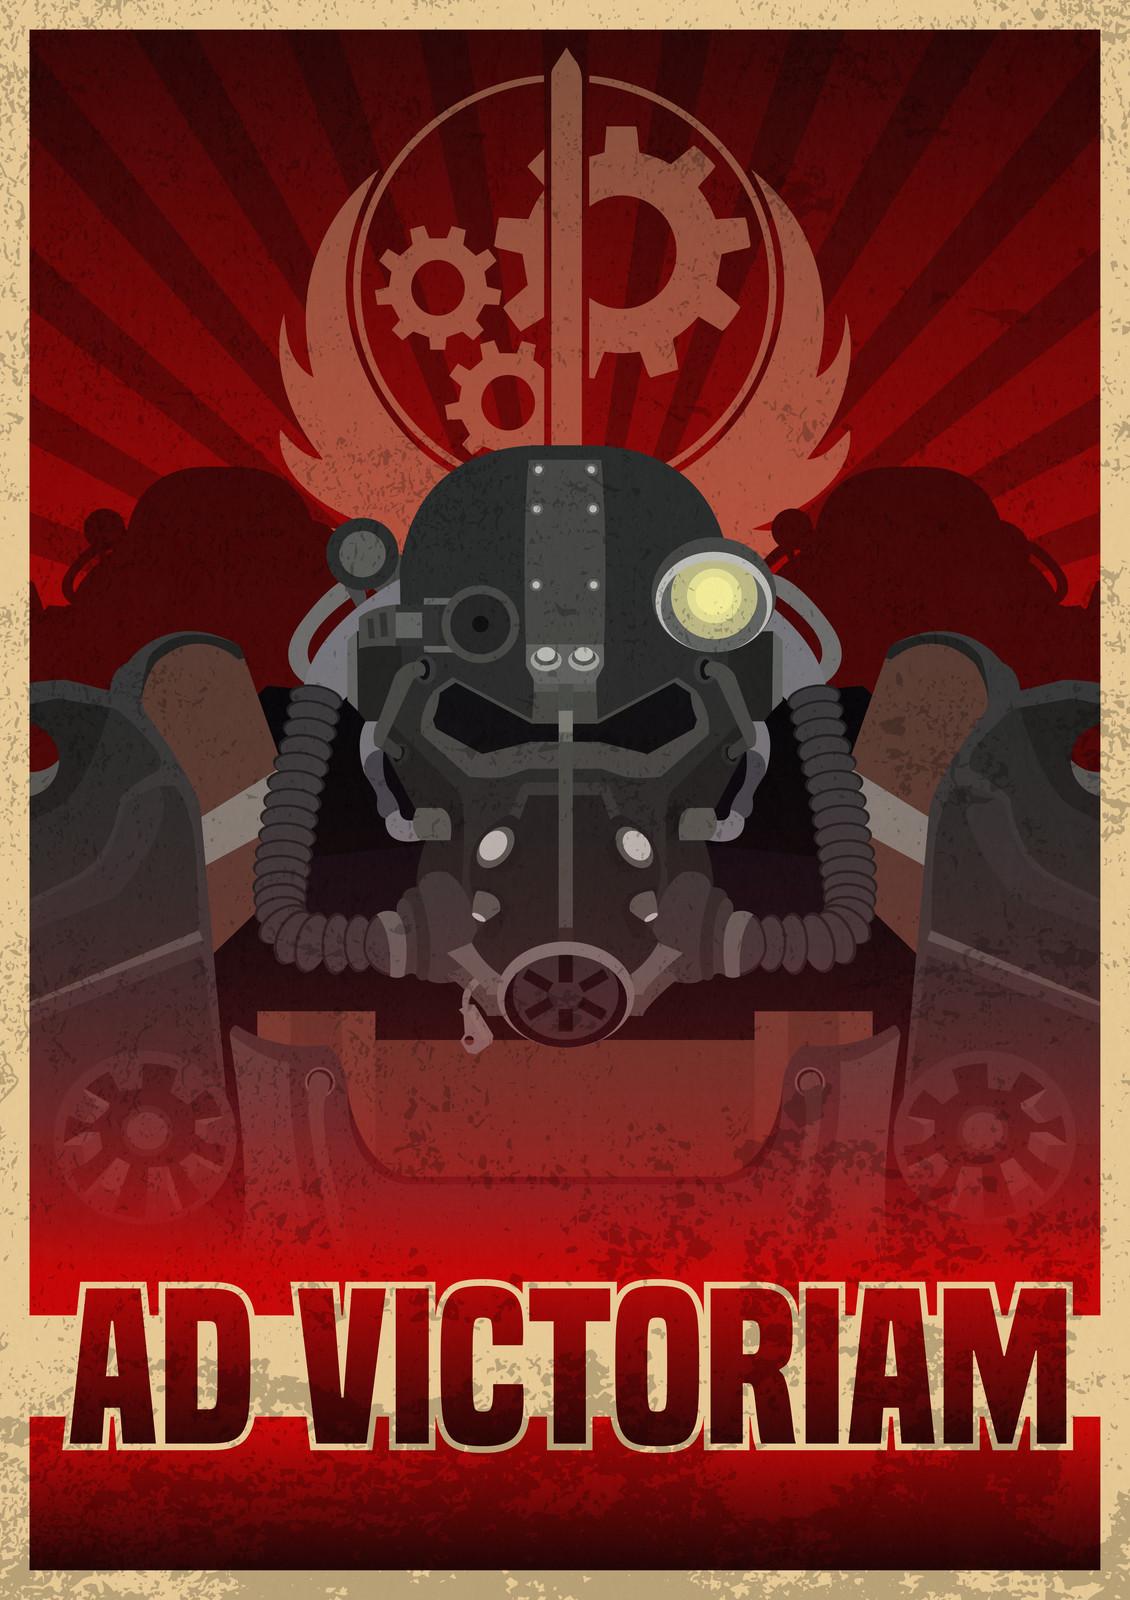 Full Resolution poster design.